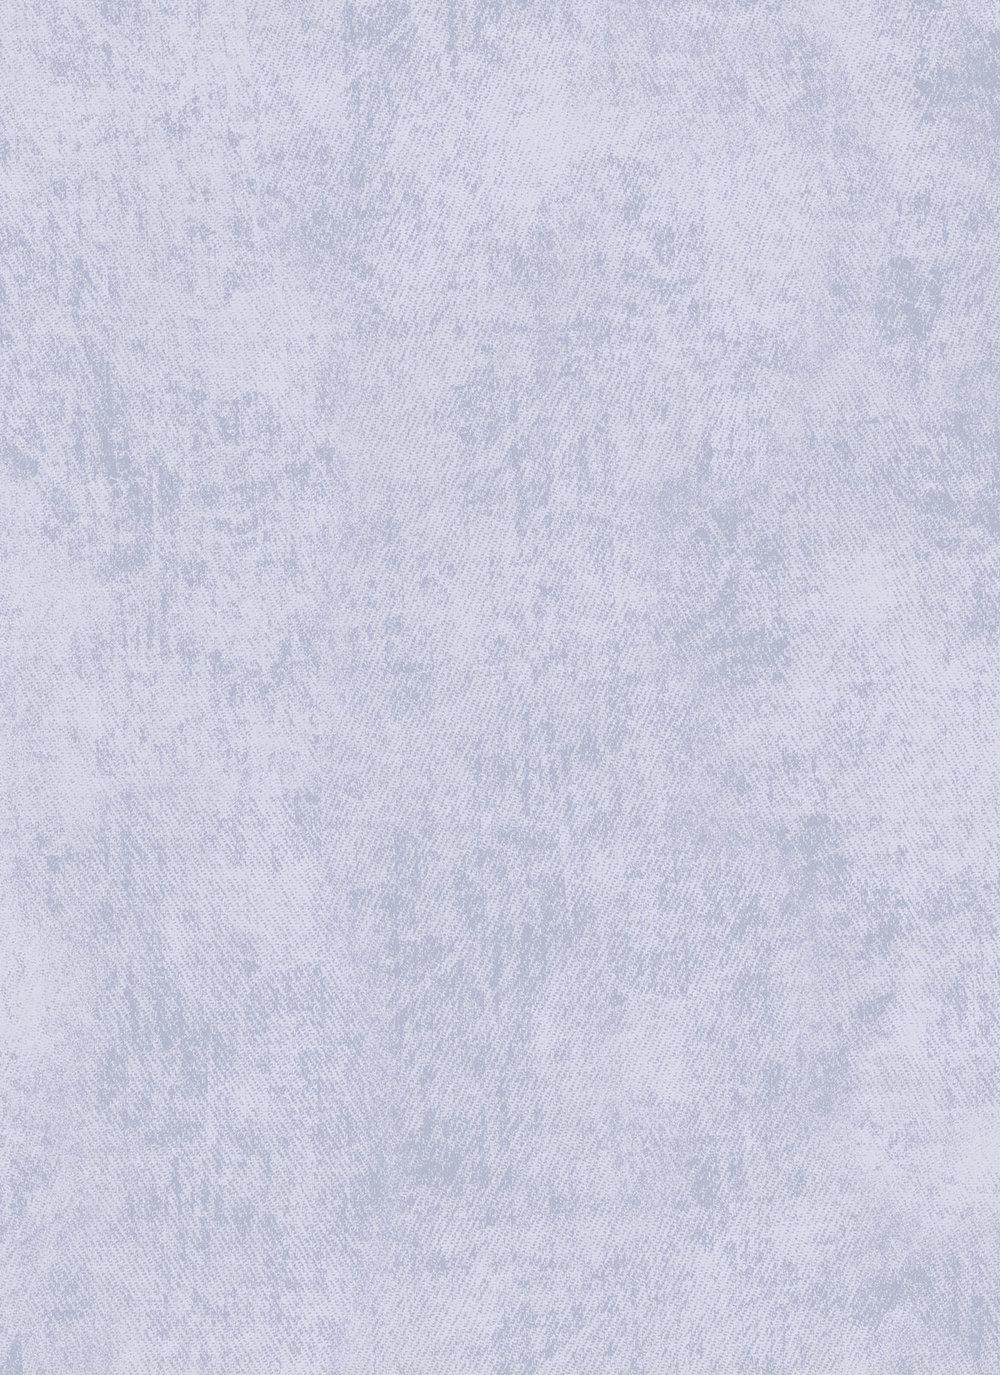 3212-028 Fog